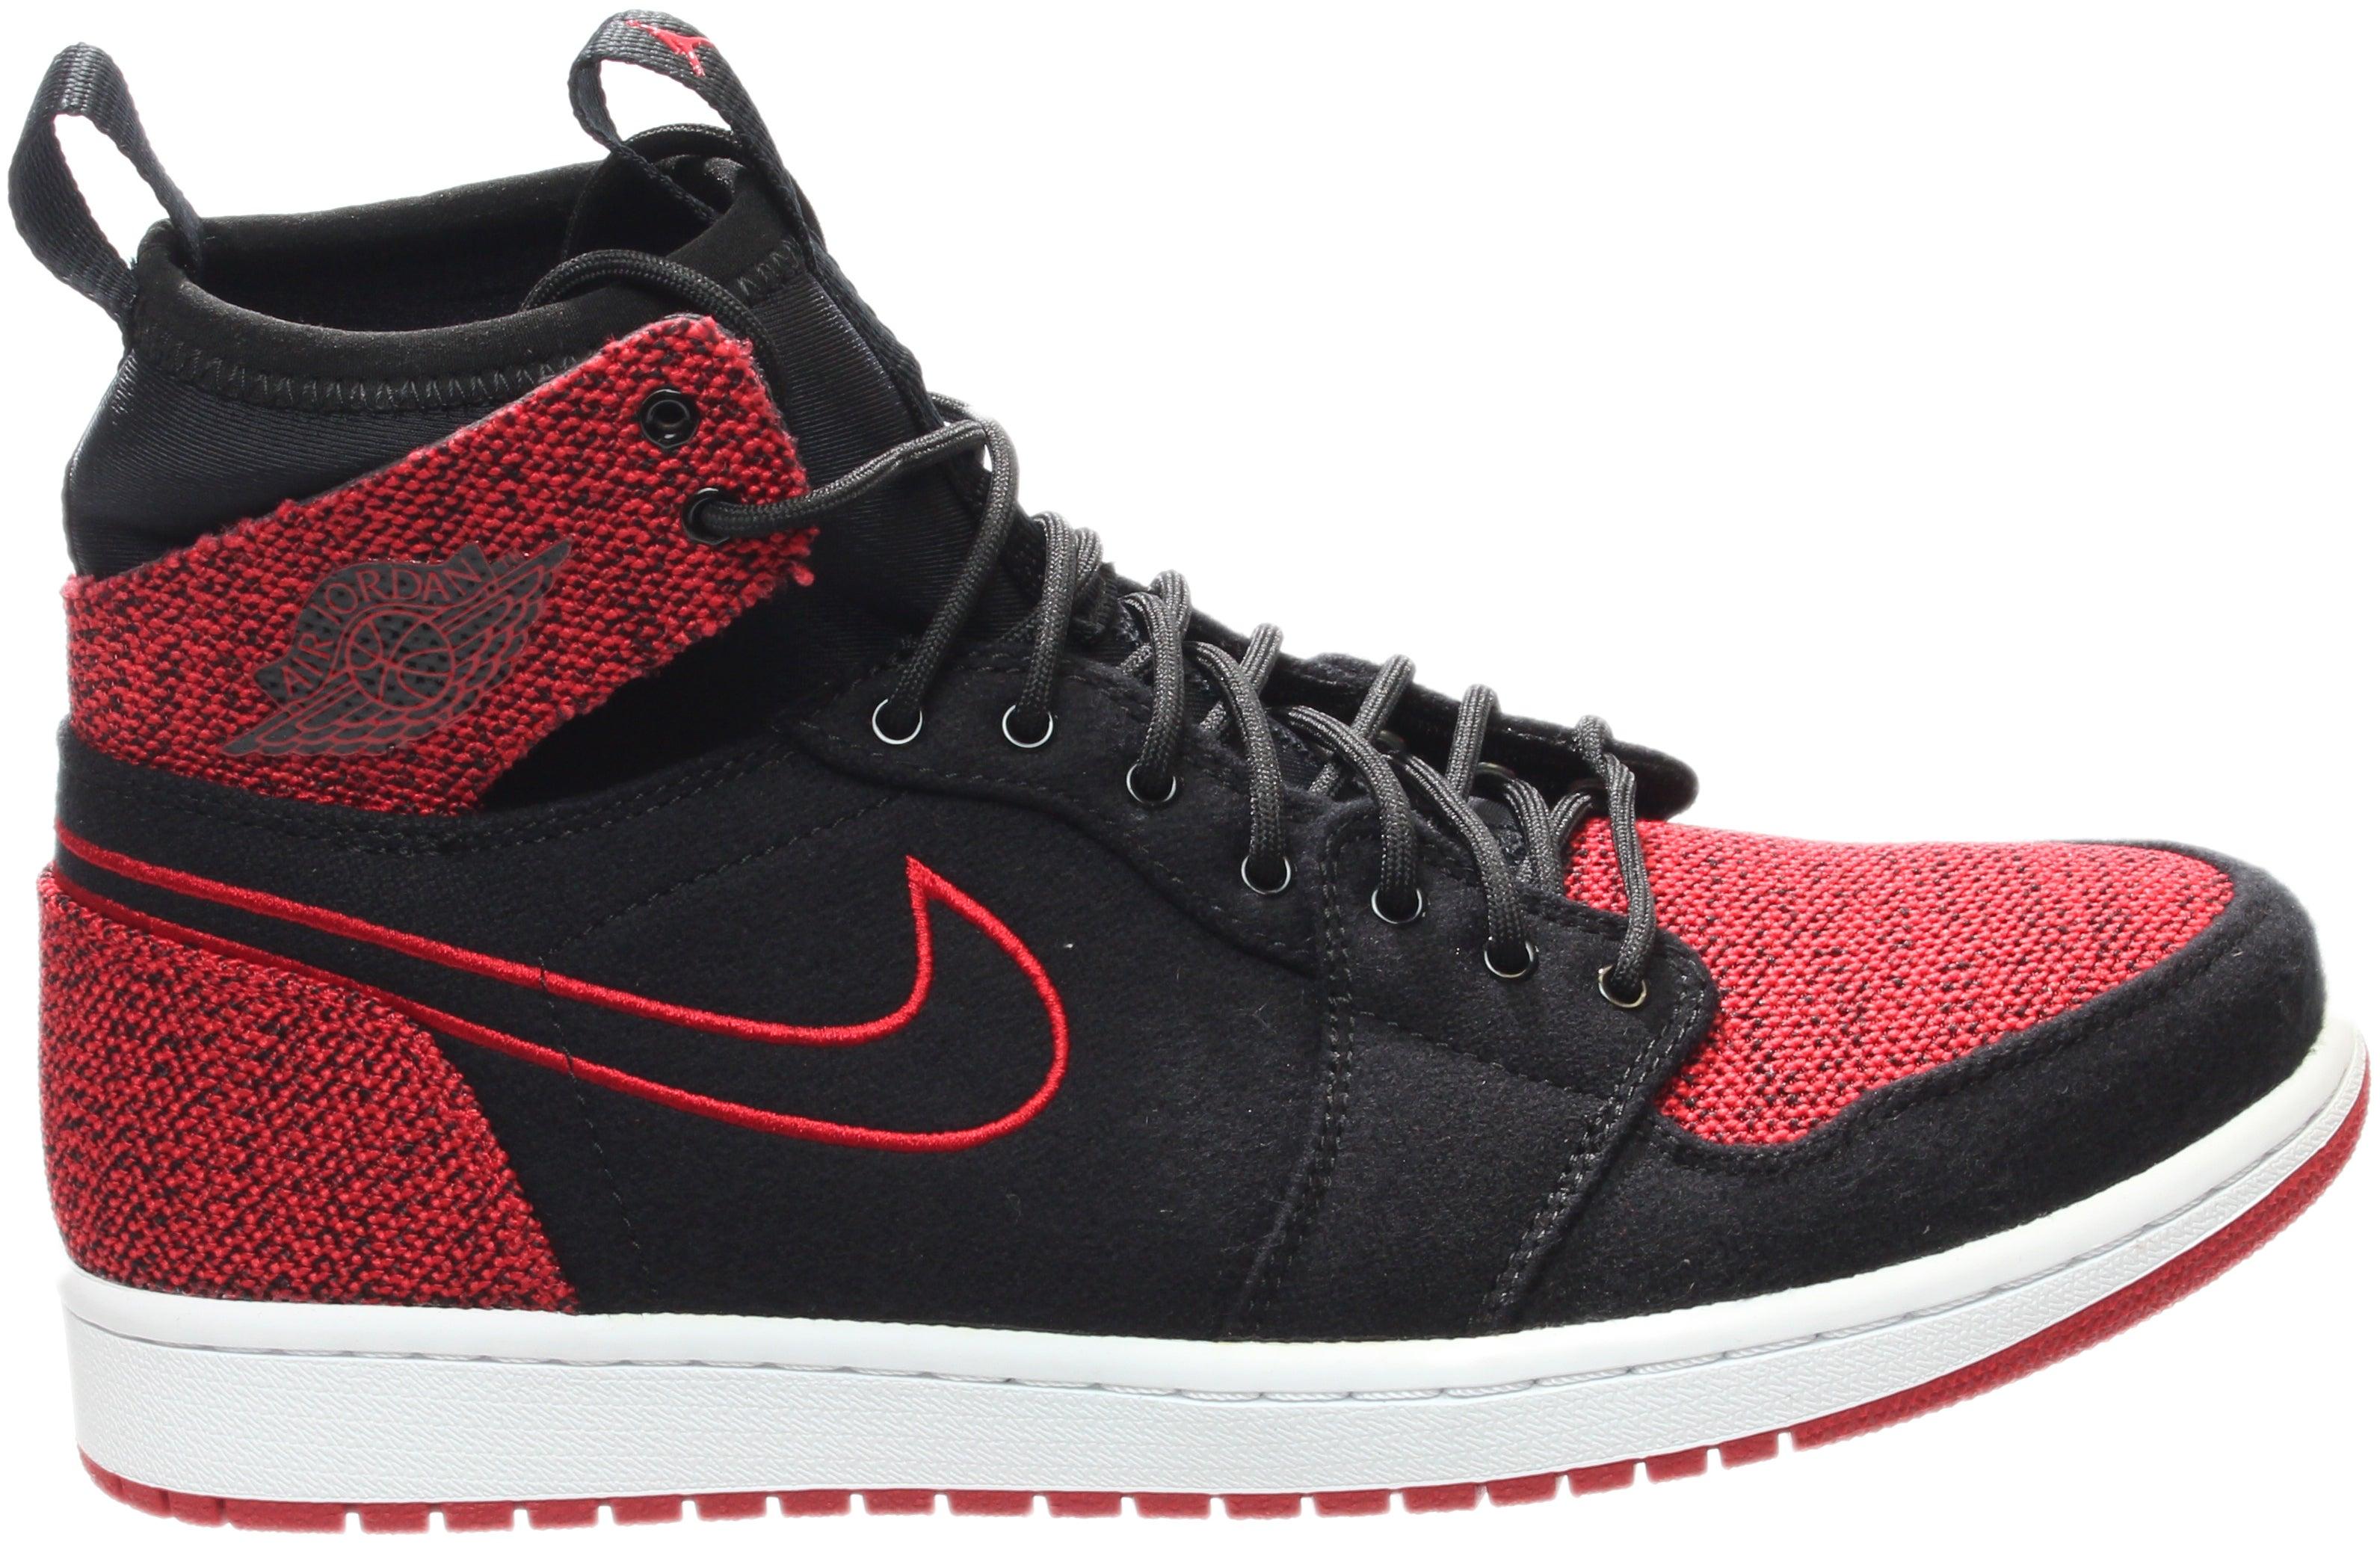 free shipping 6f788 4f0e7 UPC 666003090792. Nike Jordan Men s Air Jordan 1 Retro Ultra High ...